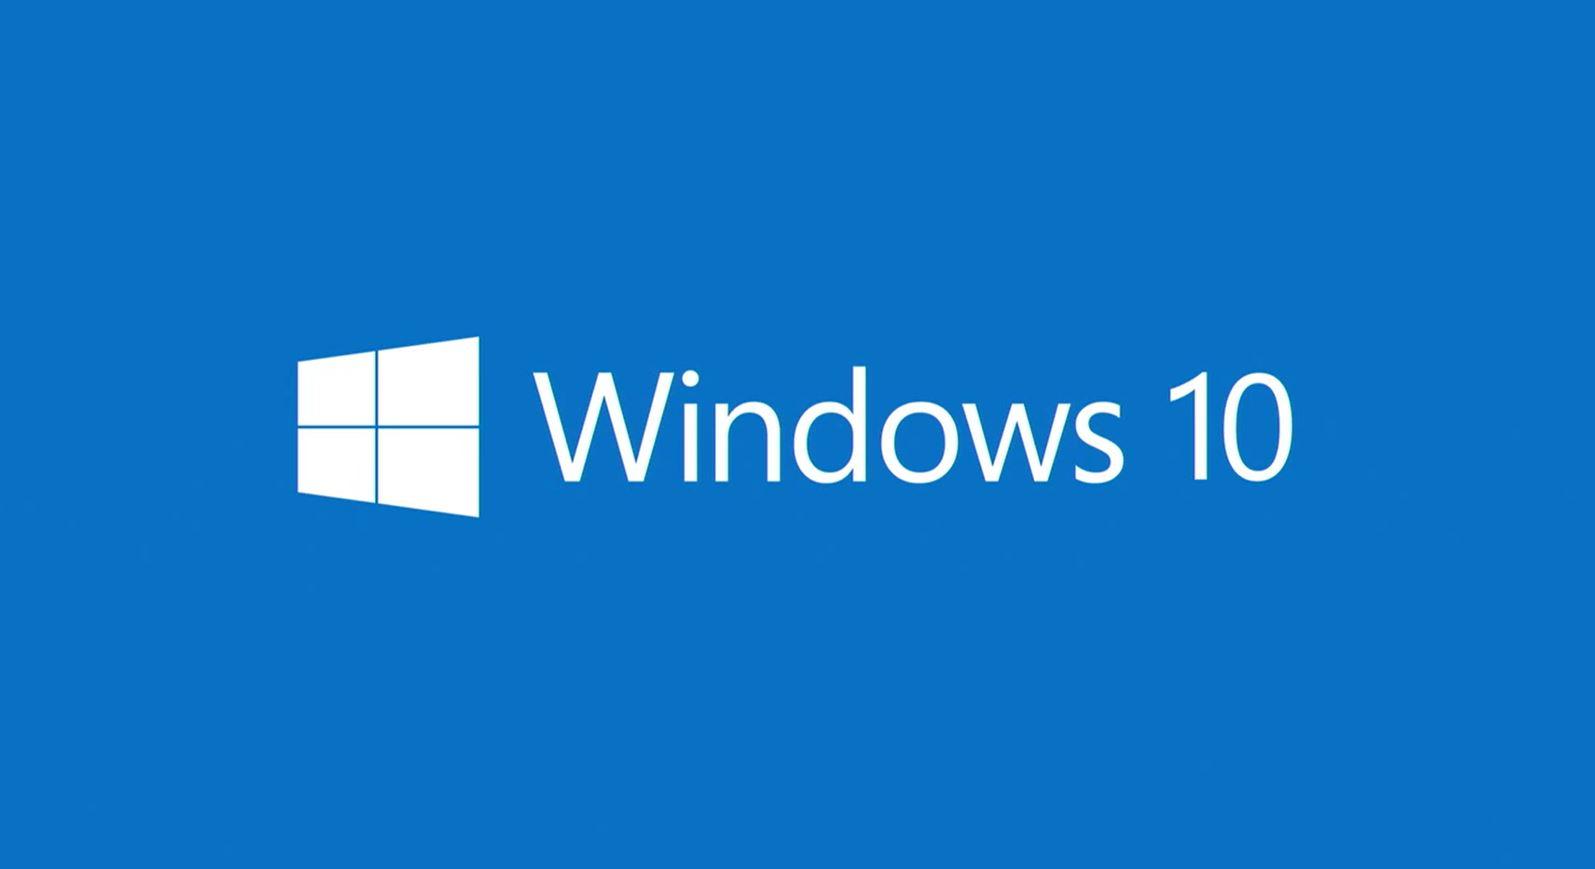 Windows 8 1 pro windows 10 x86x64 bit - Windows 10 Build 10547 X86 X64 Free Download